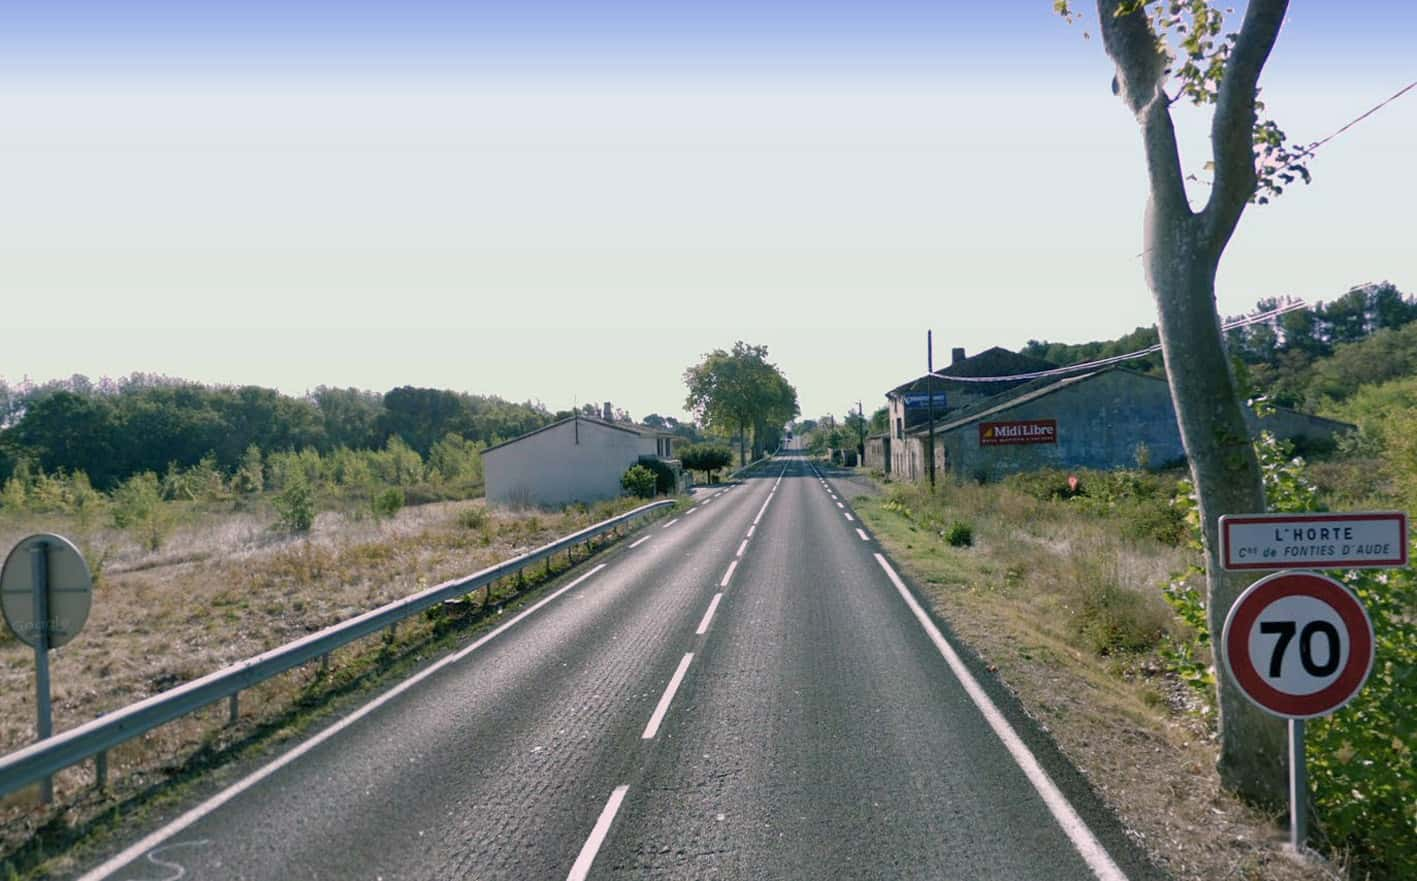 La strada dipartimentale 6113 nella località L'Horte a Trébes (Languedoc-Roussilion), ove spesso si registrano incidenti